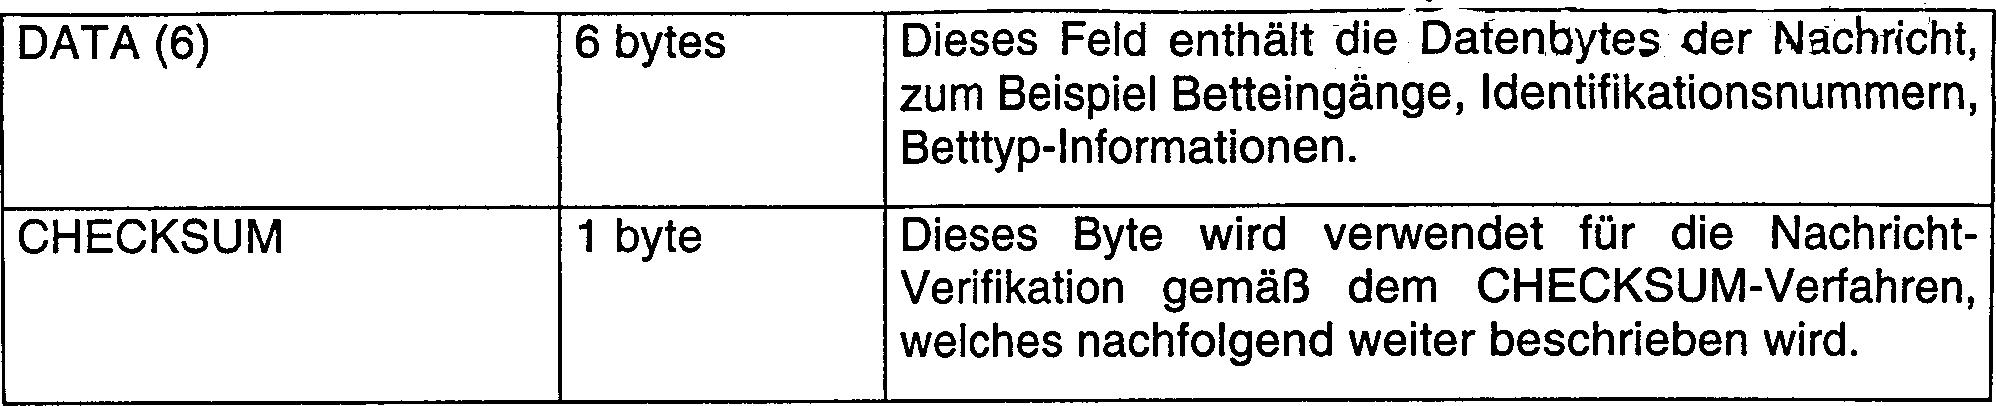 DE69629944T2 - Zustandsinformationssytem for hospital beds - Google ...